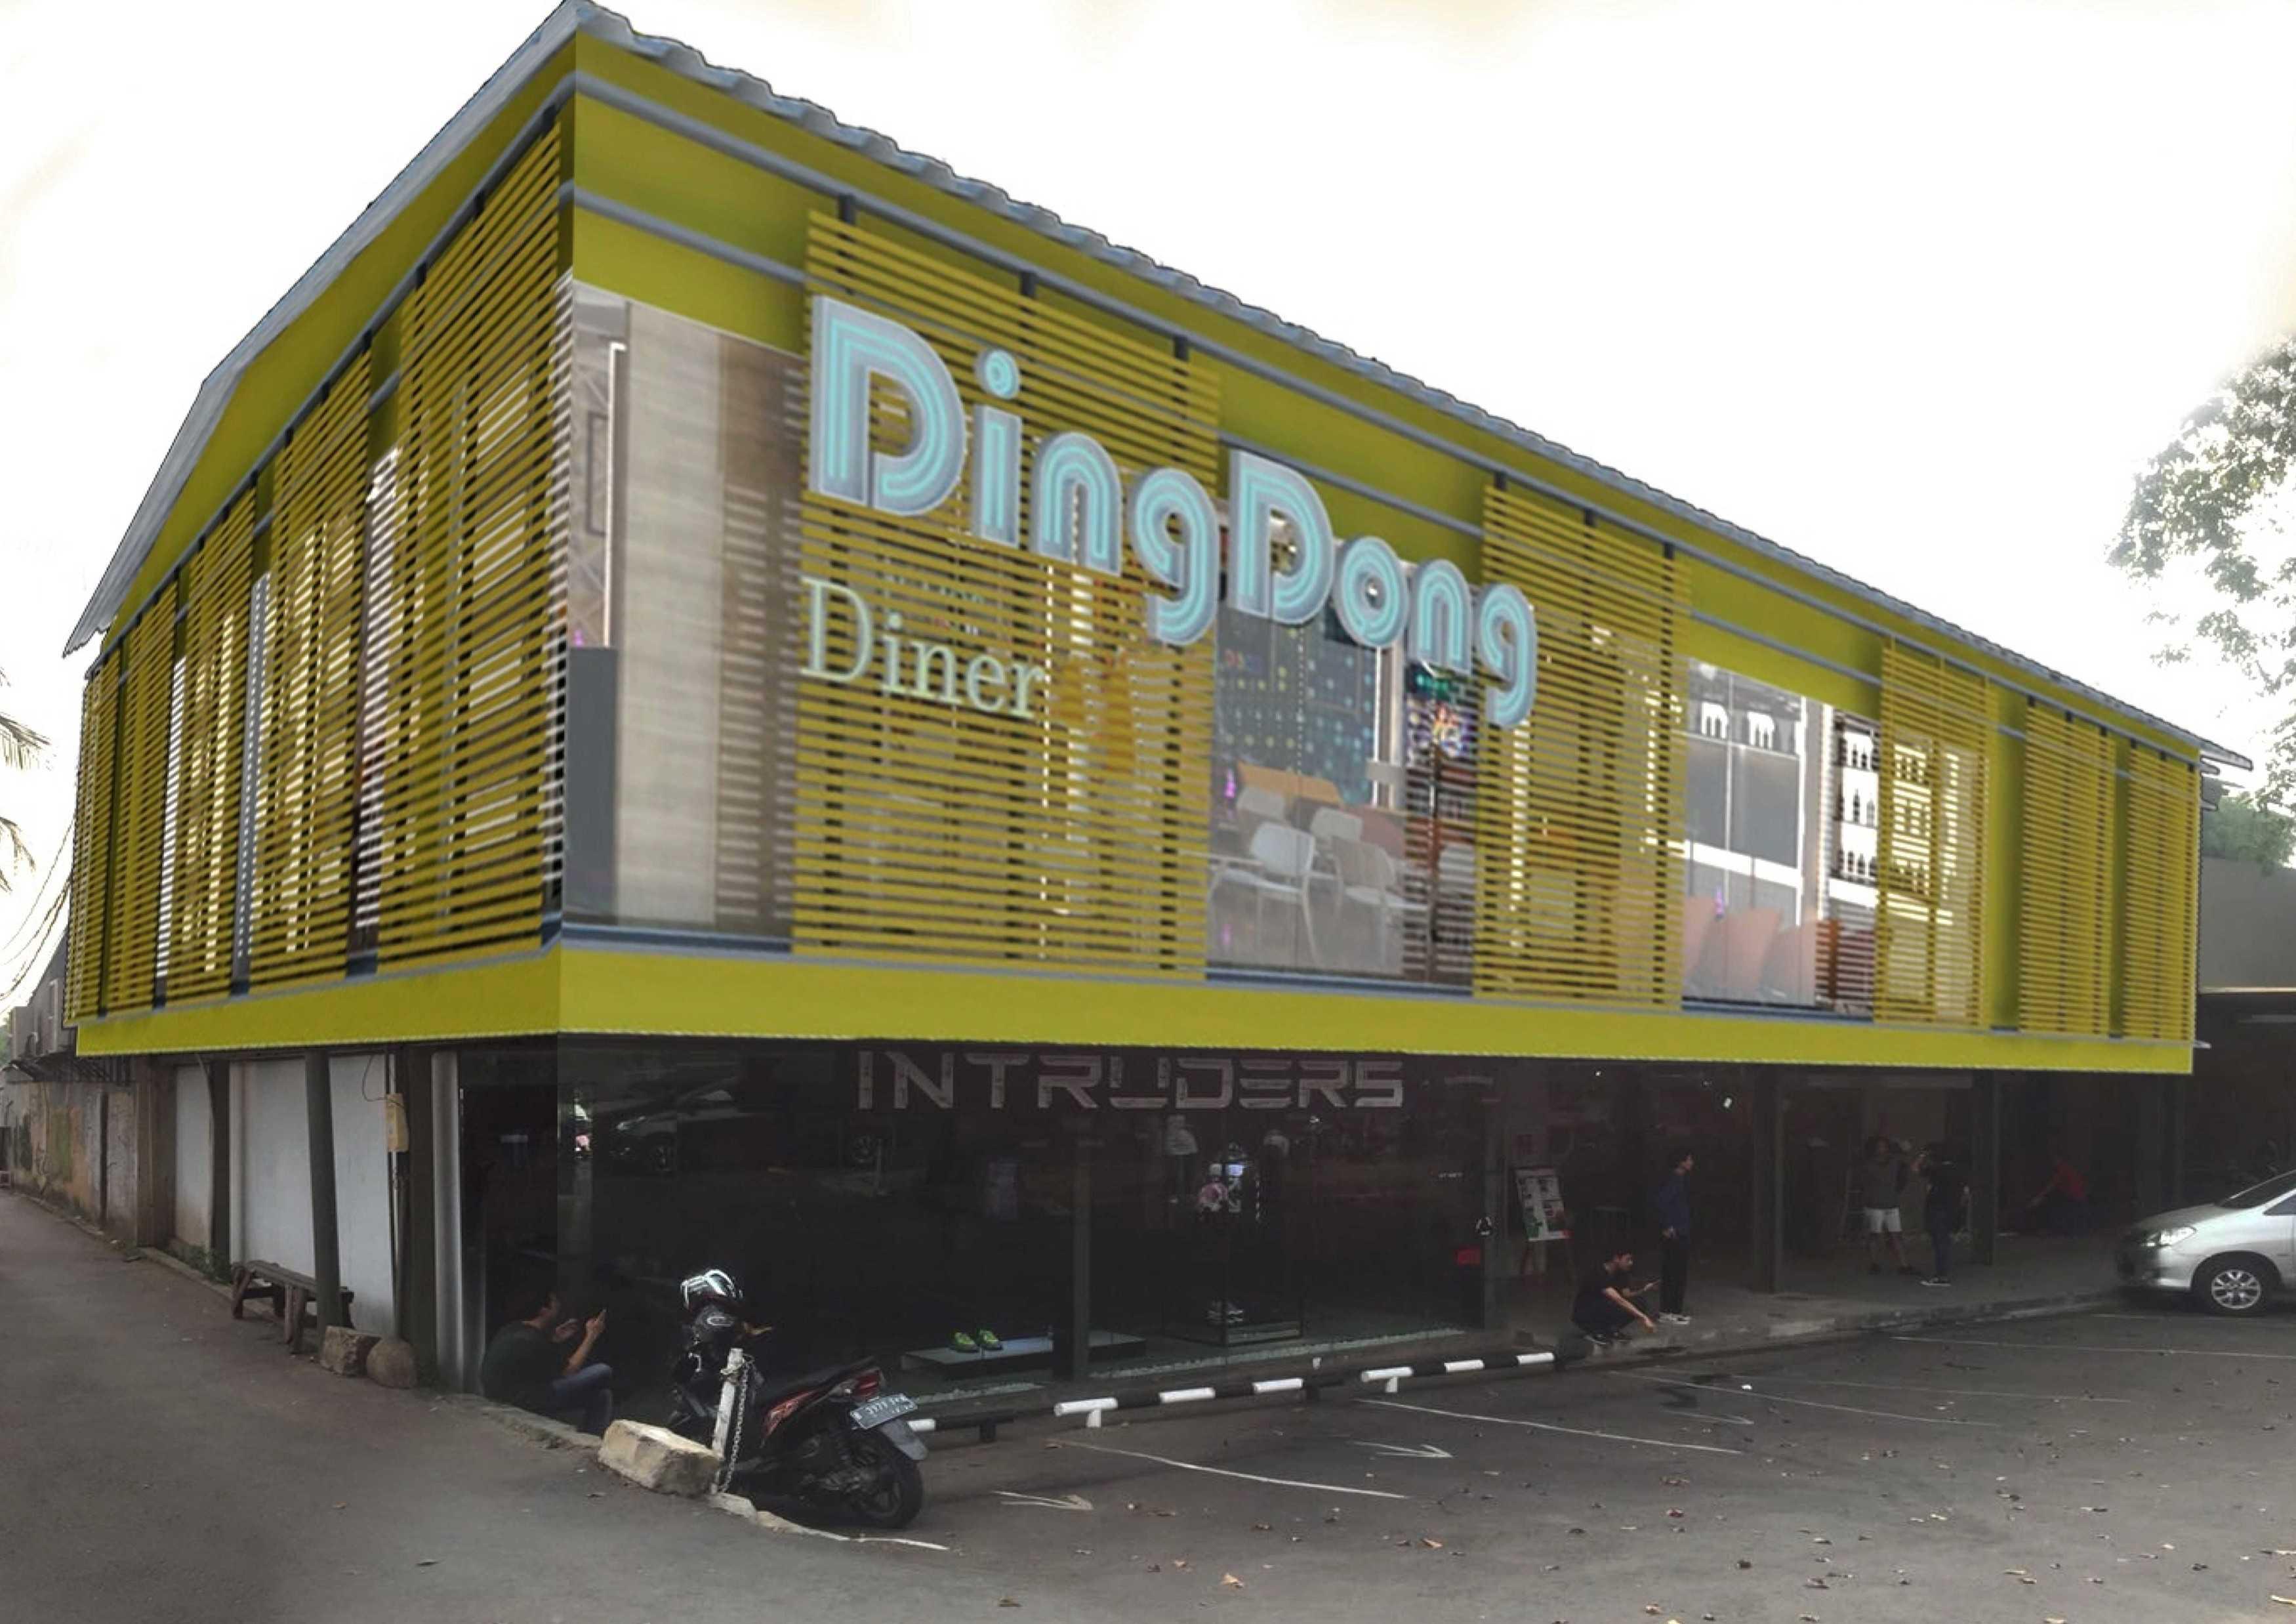 Ahas (Agung & Hasudungan) Dindong  Cafe And Restoran Daerah Khusus Ibukota Jakarta, Indonesia Daerah Khusus Ibukota Jakarta, Indonesia Ahas-Agung-Hasudungan-Dindong-Cafe-And-Restoran   60770